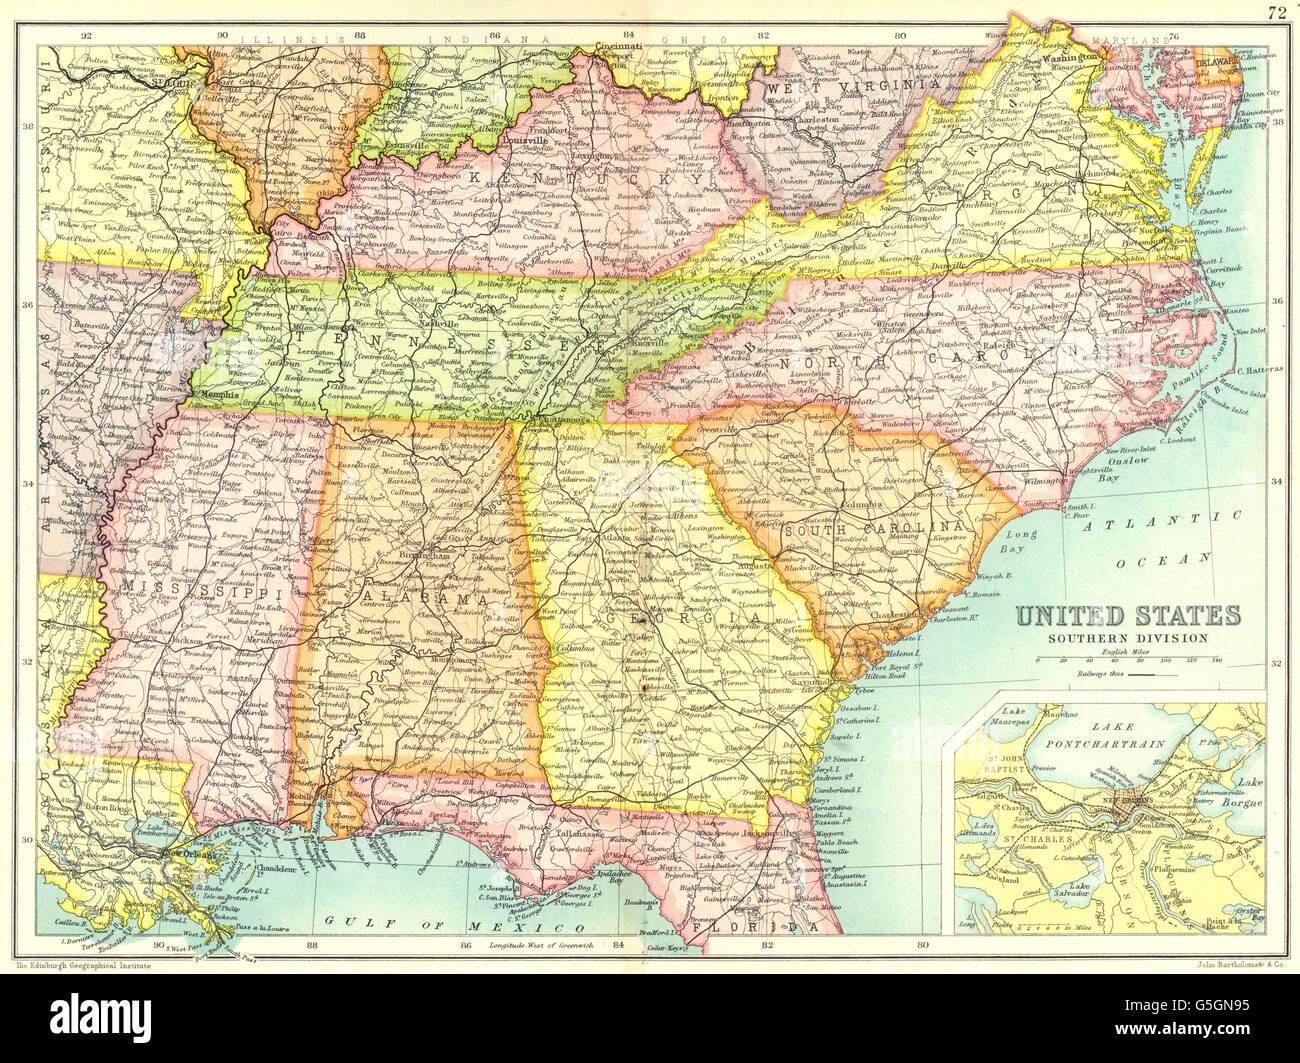 Sud Ost Usa Vereinigte Staaten Zeigen Eisenbahnen Inset New